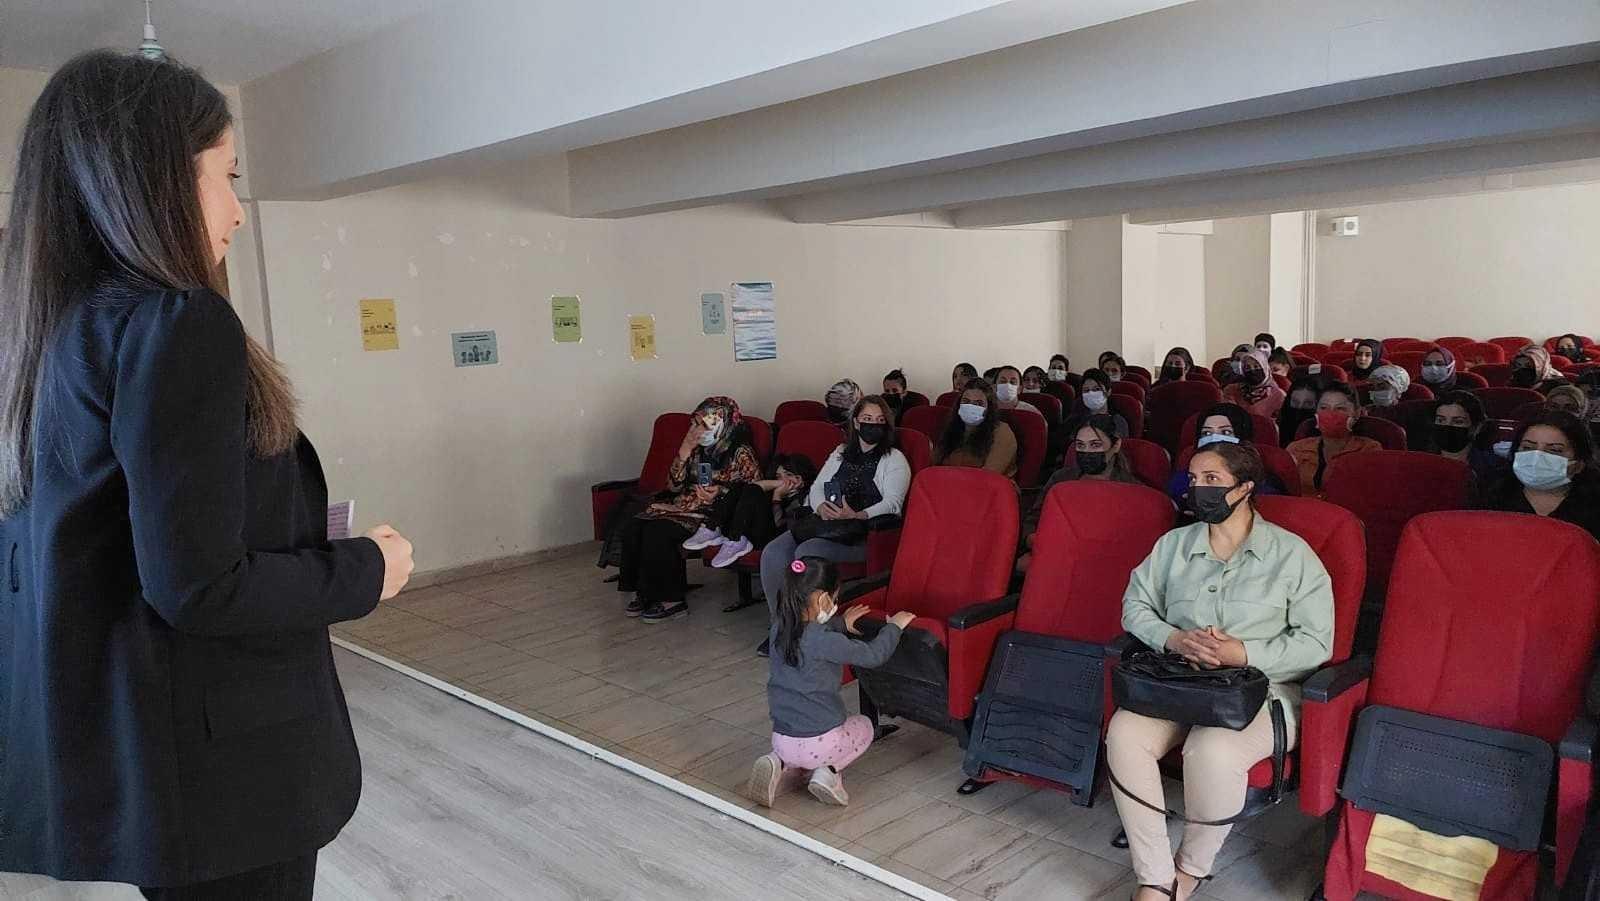 Hakkari'de mahremiyet eğitimi verildi #hakkari